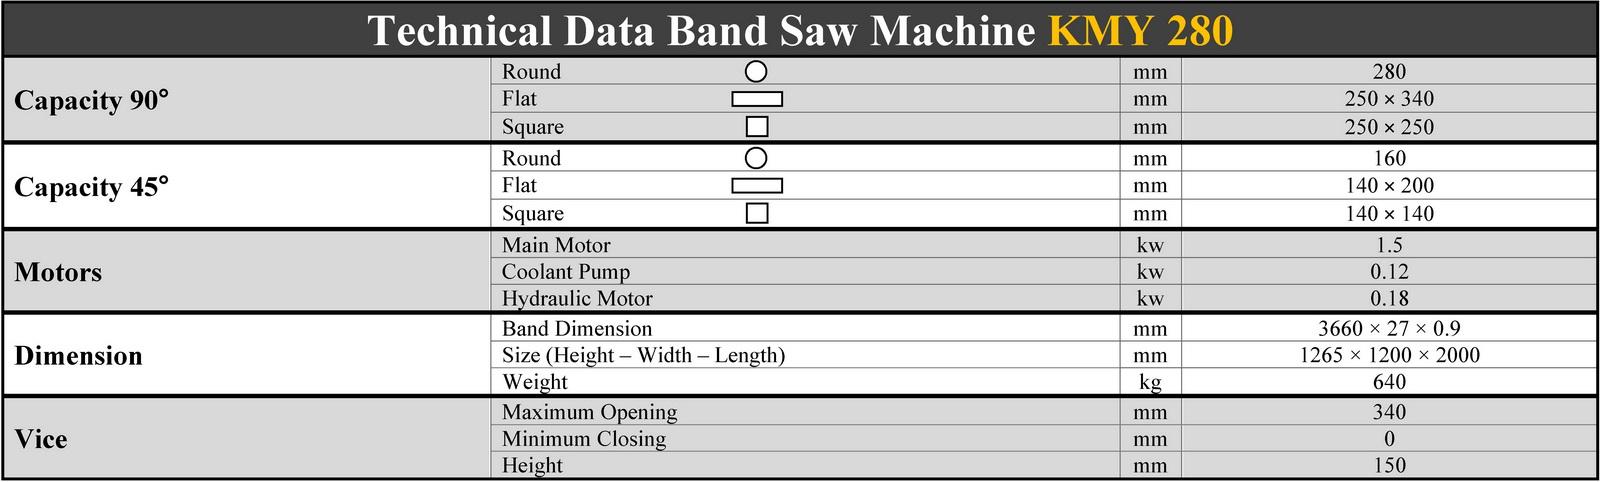 مشخصات فنی دستگاه اره نواری بازویی نیمه اتوماتیک کسمک - KMY 280